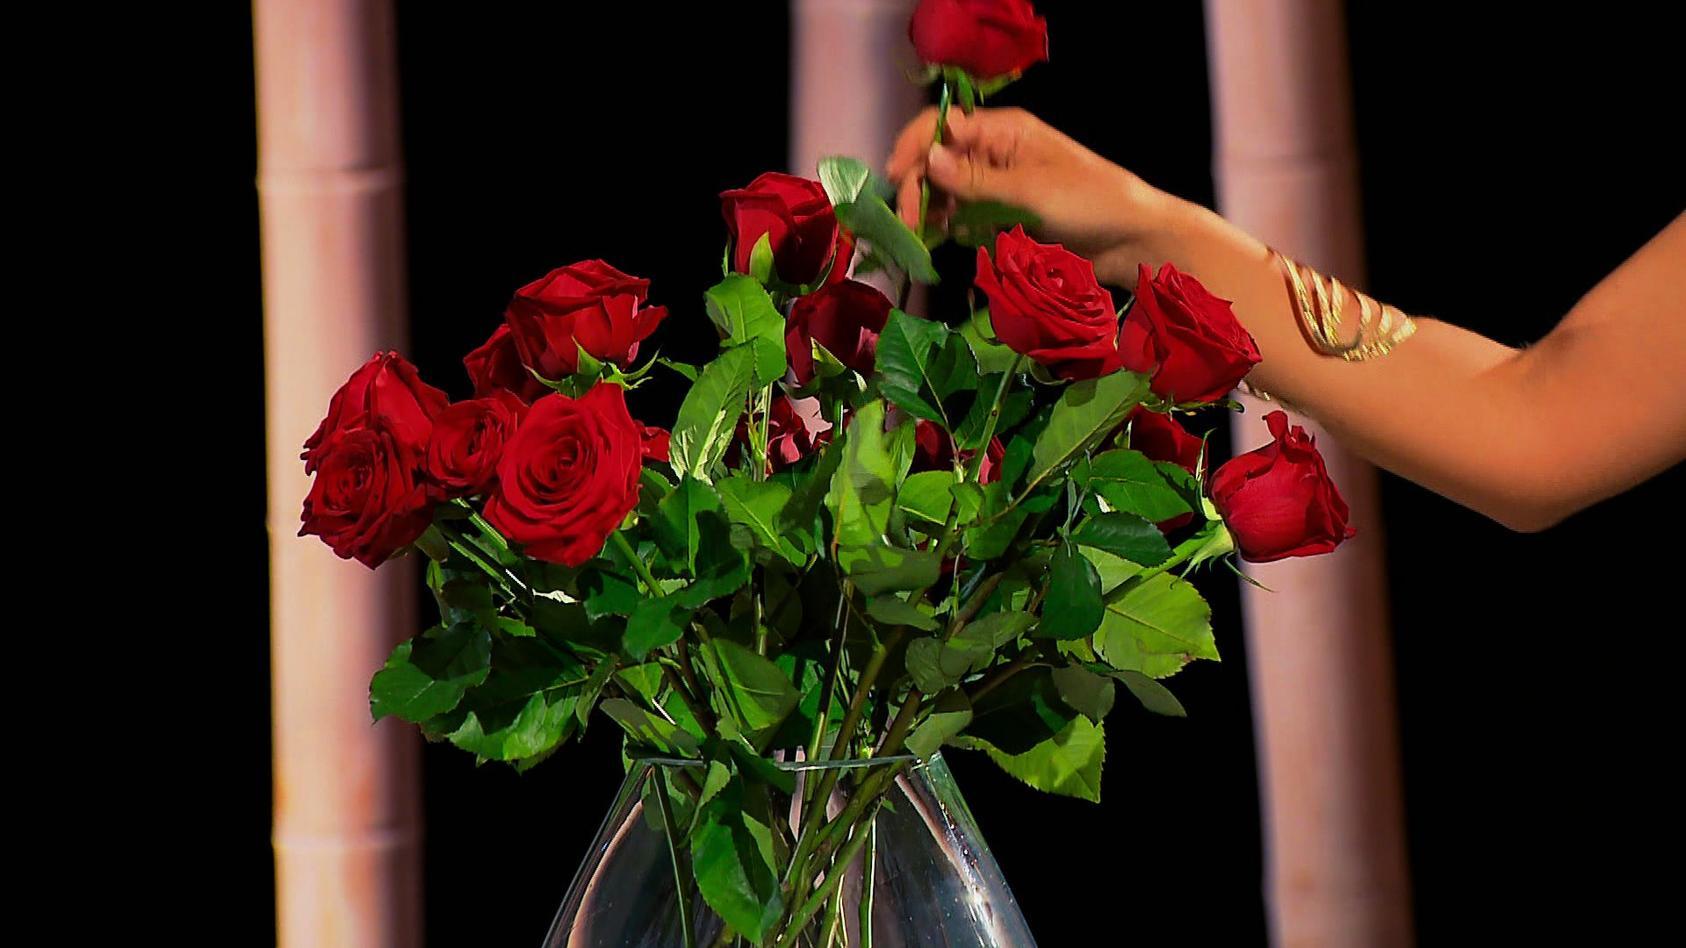 Auch 2021 verteilt eine neue Bachelorette bei RTL Rosen.